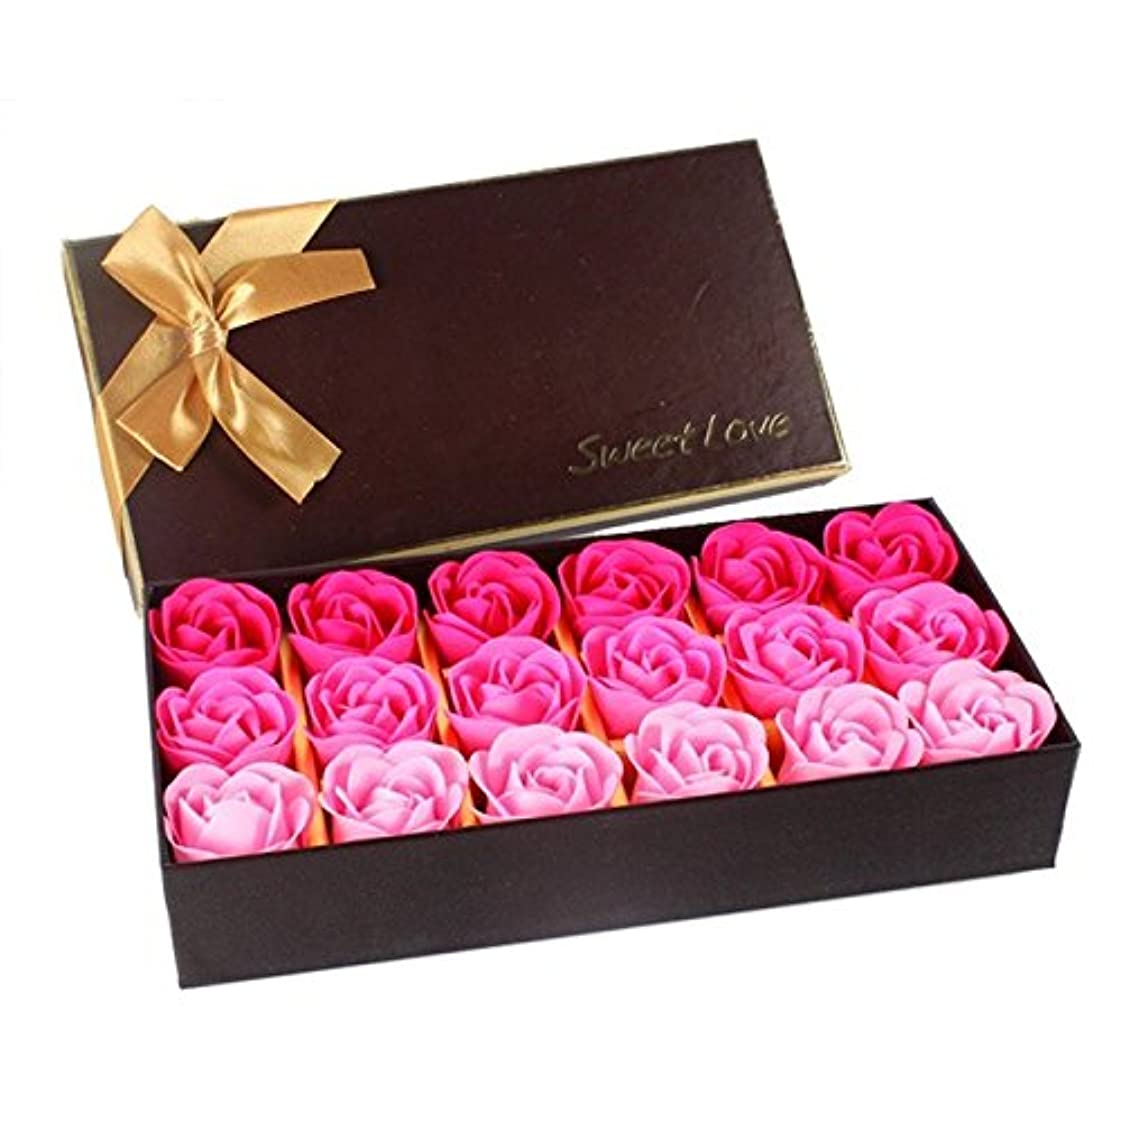 ルーフ請求書素人ローズ フラワーソープ 石鹸 薔薇 プレゼント お祝い ① #333